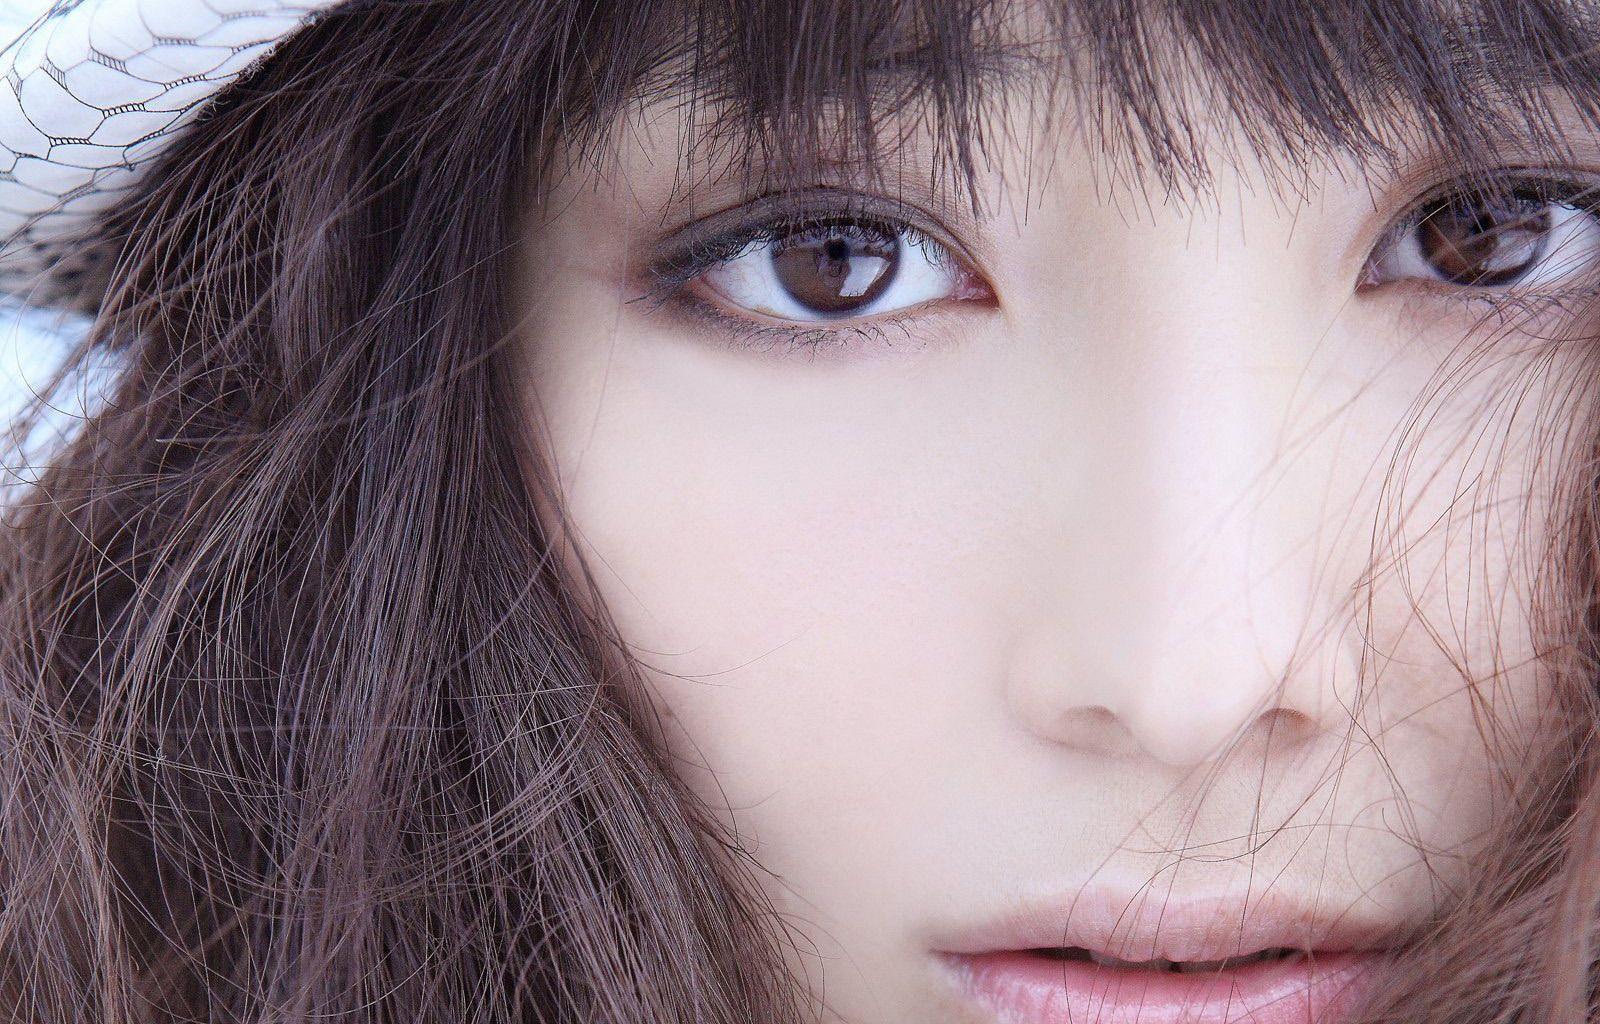 Mắt không phải lúc nào cũng giật, kể cả khi bạn mất ngủ, nên nó phải có điềm báo gì đó nhé